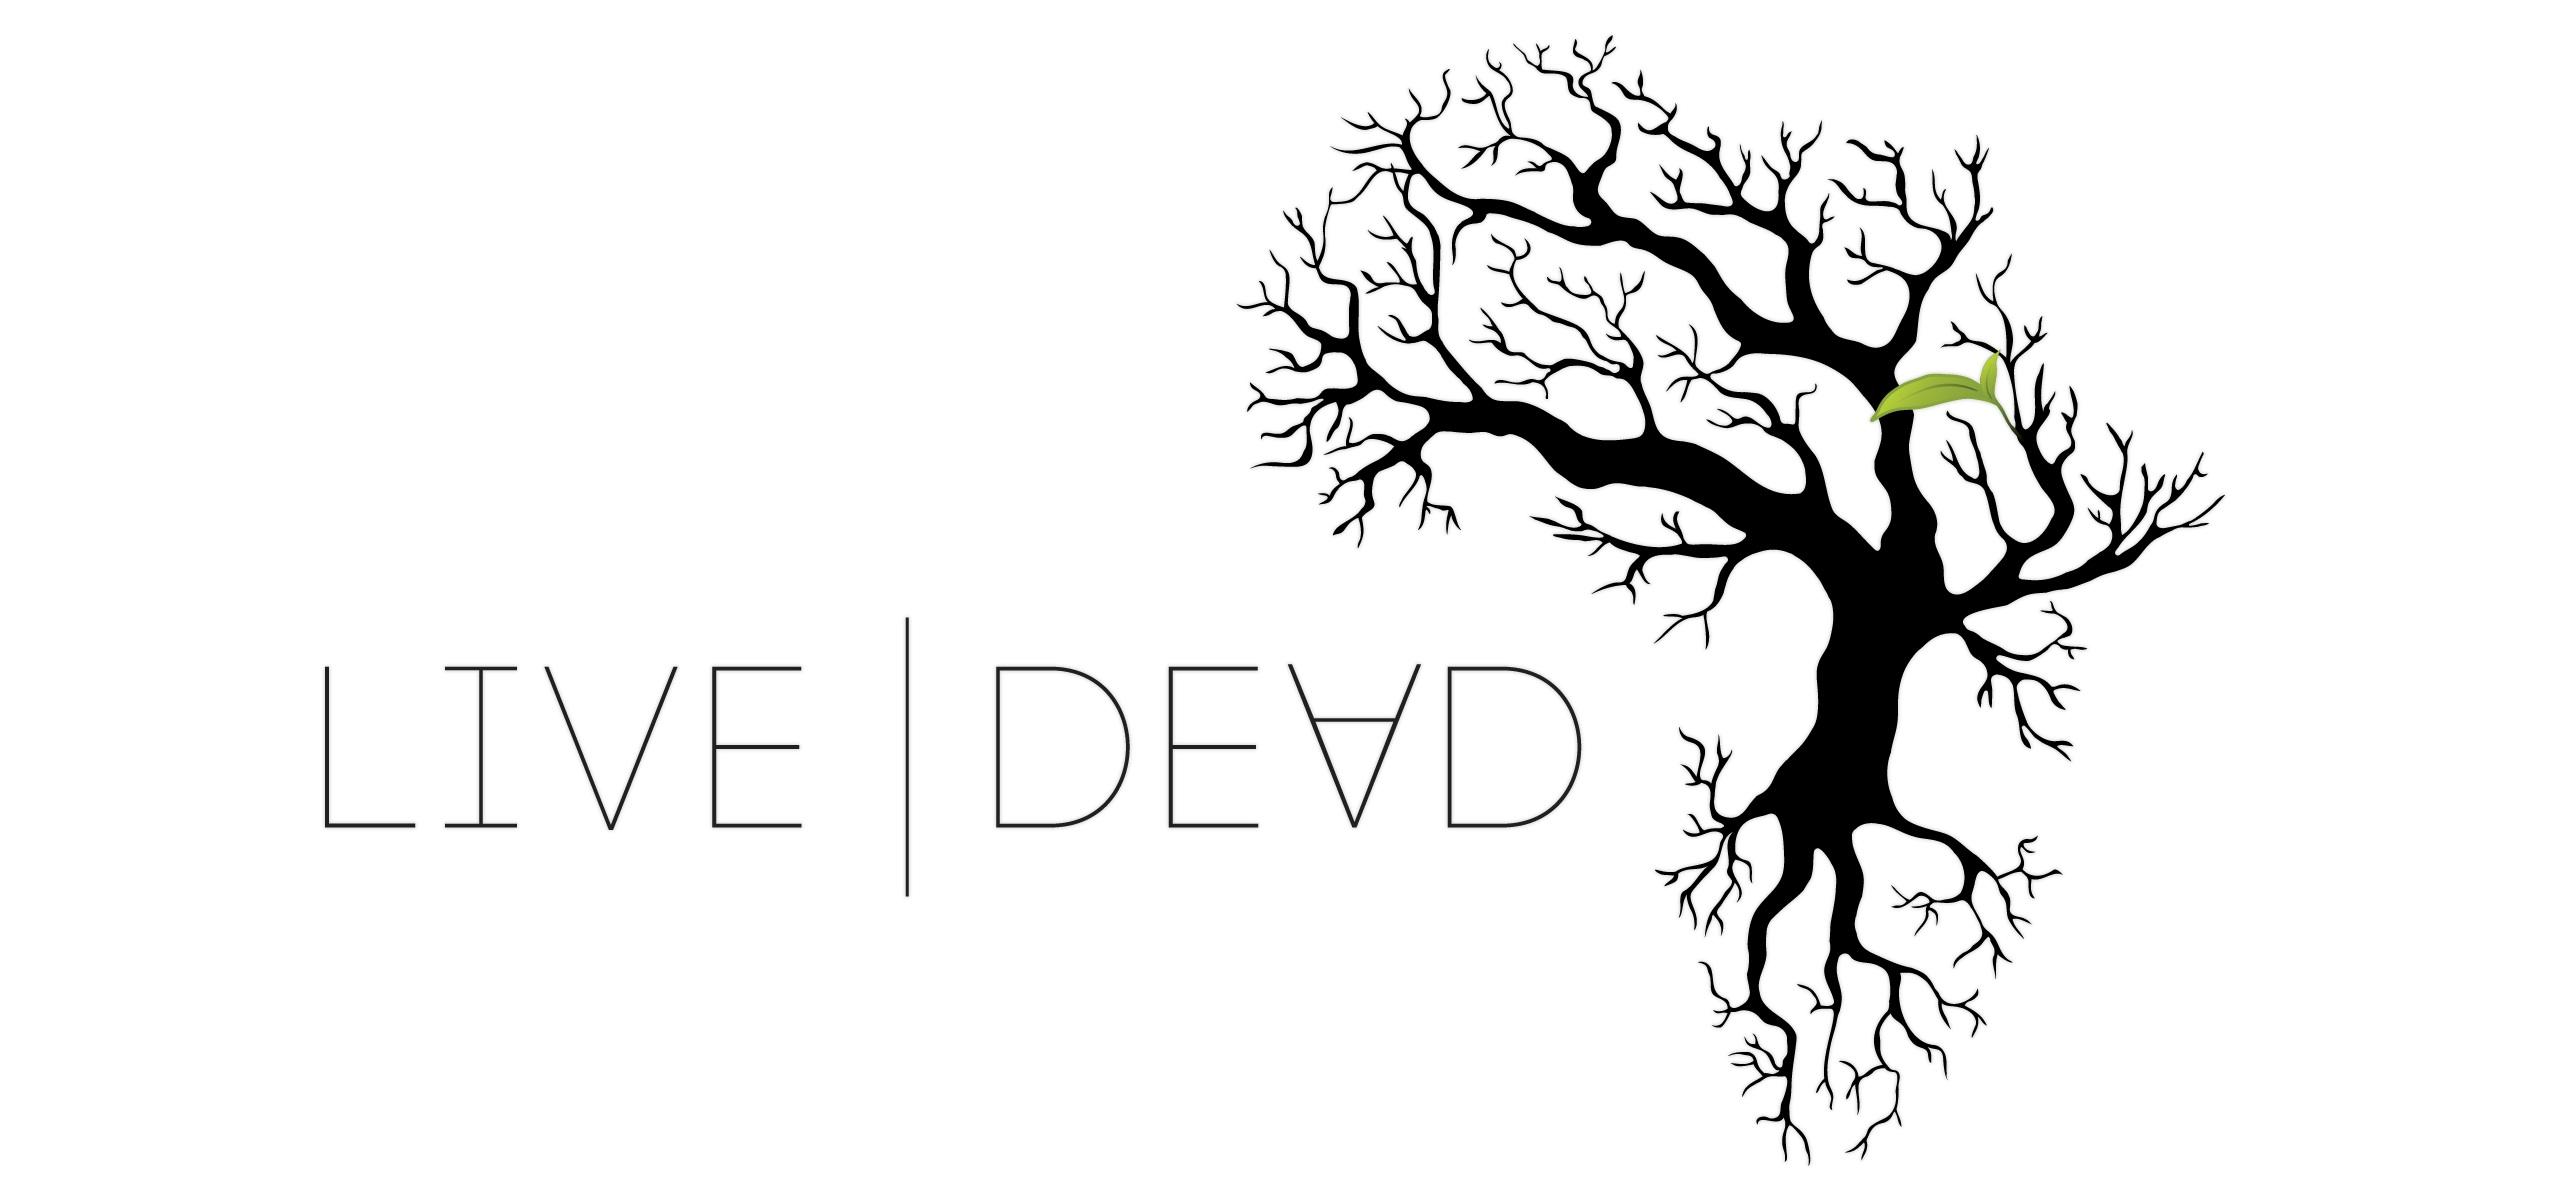 LiveDead-Tree-logo.jpg